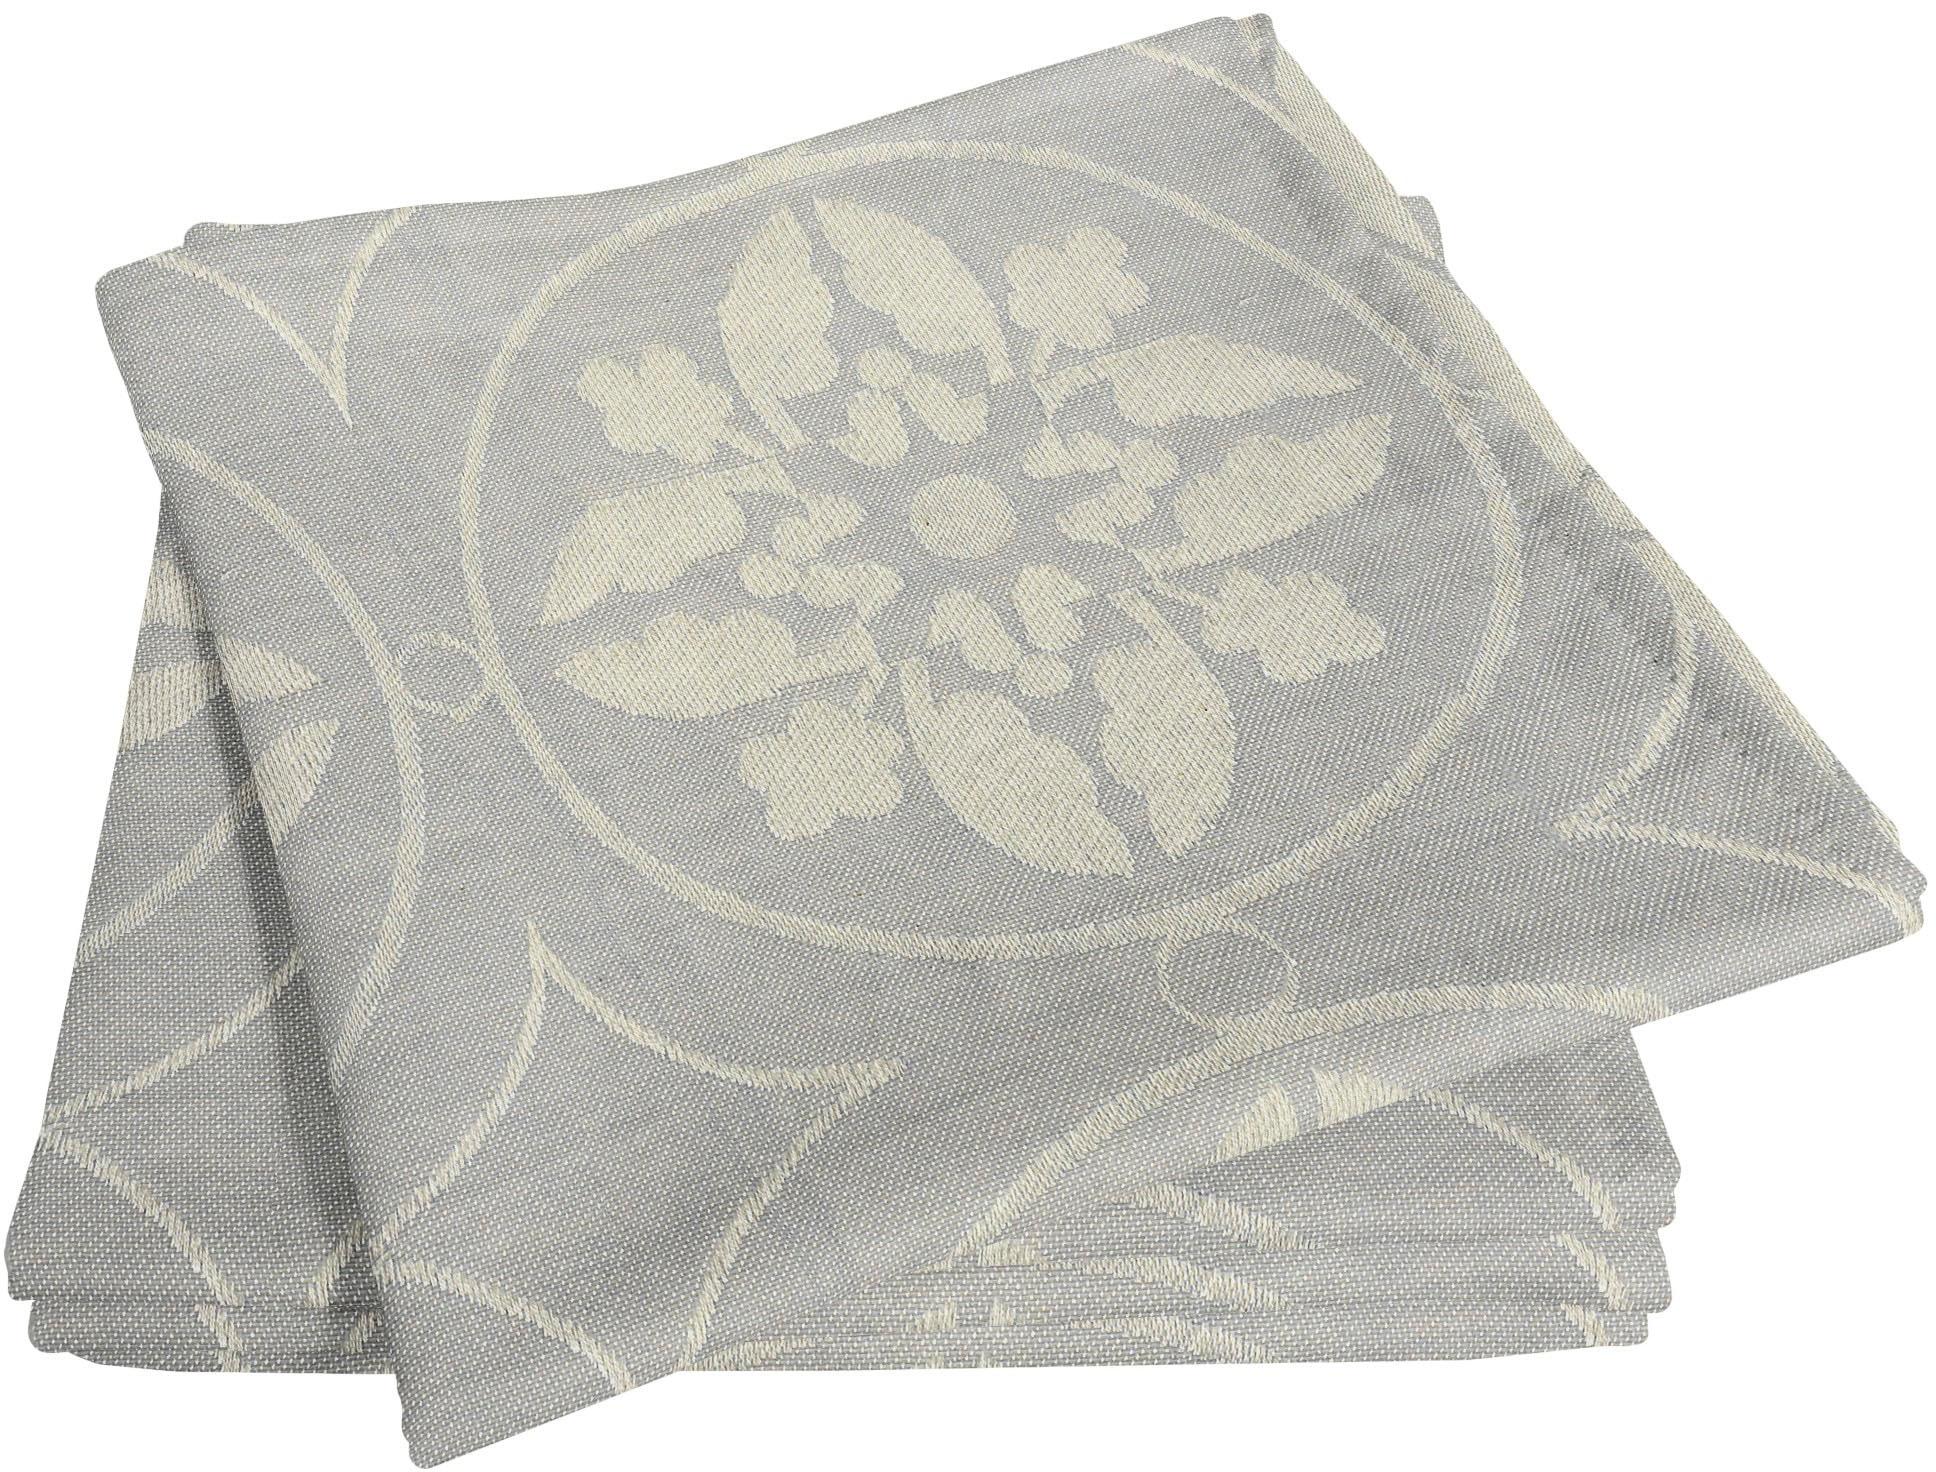 Stoffserviette, Romantic Puligny Light, Adam grau Stoffservietten Tischwäsche Serviette